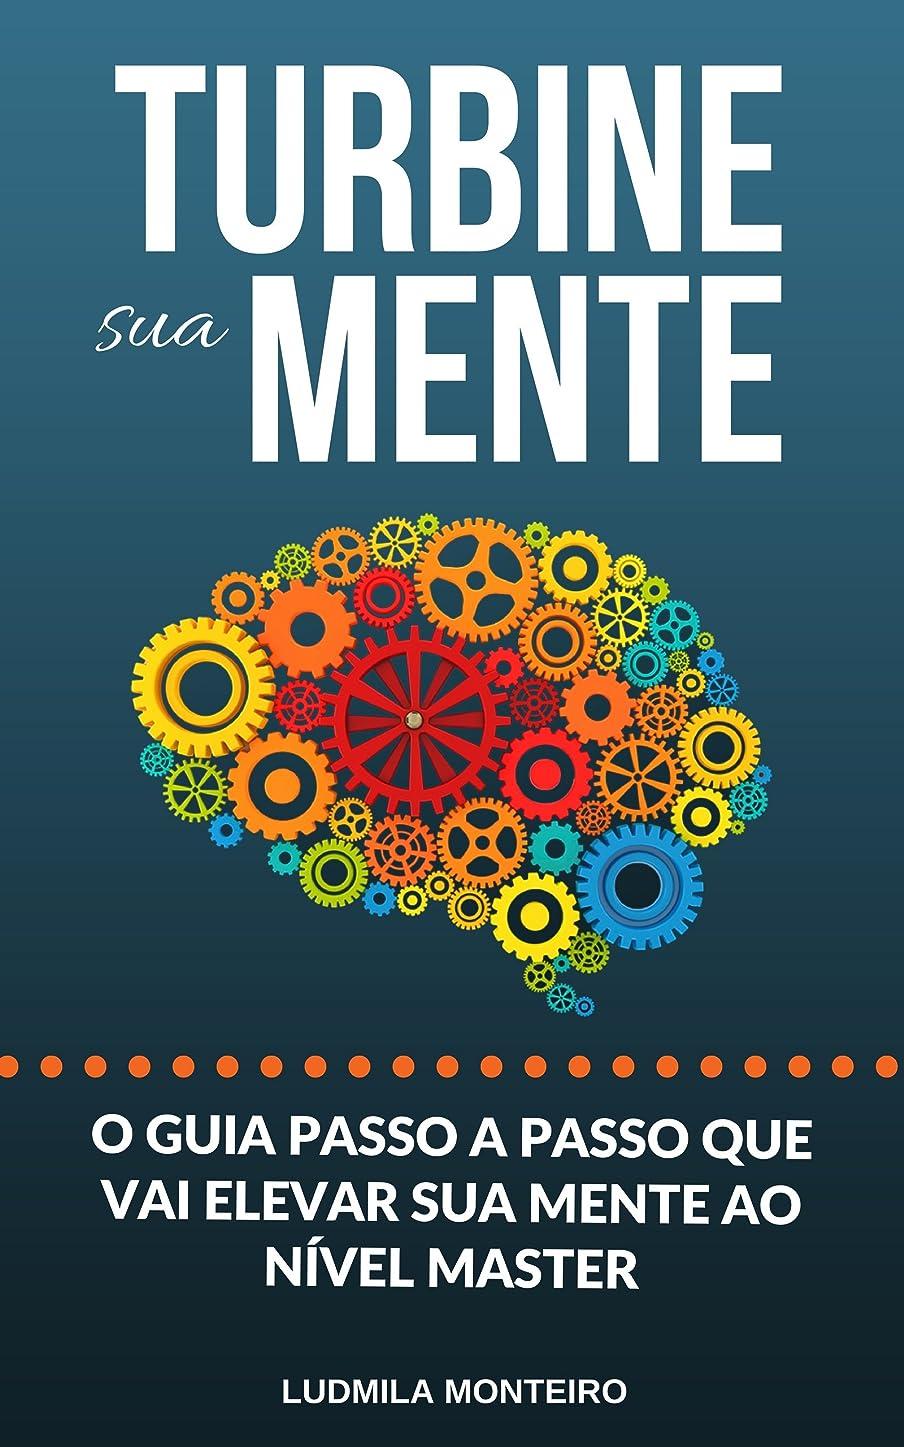 広がりコショウ政治的Turbine sua Mente: O Guia Passo a Passo que vai elevar sua Mente ao nível Master (Portuguese Edition)